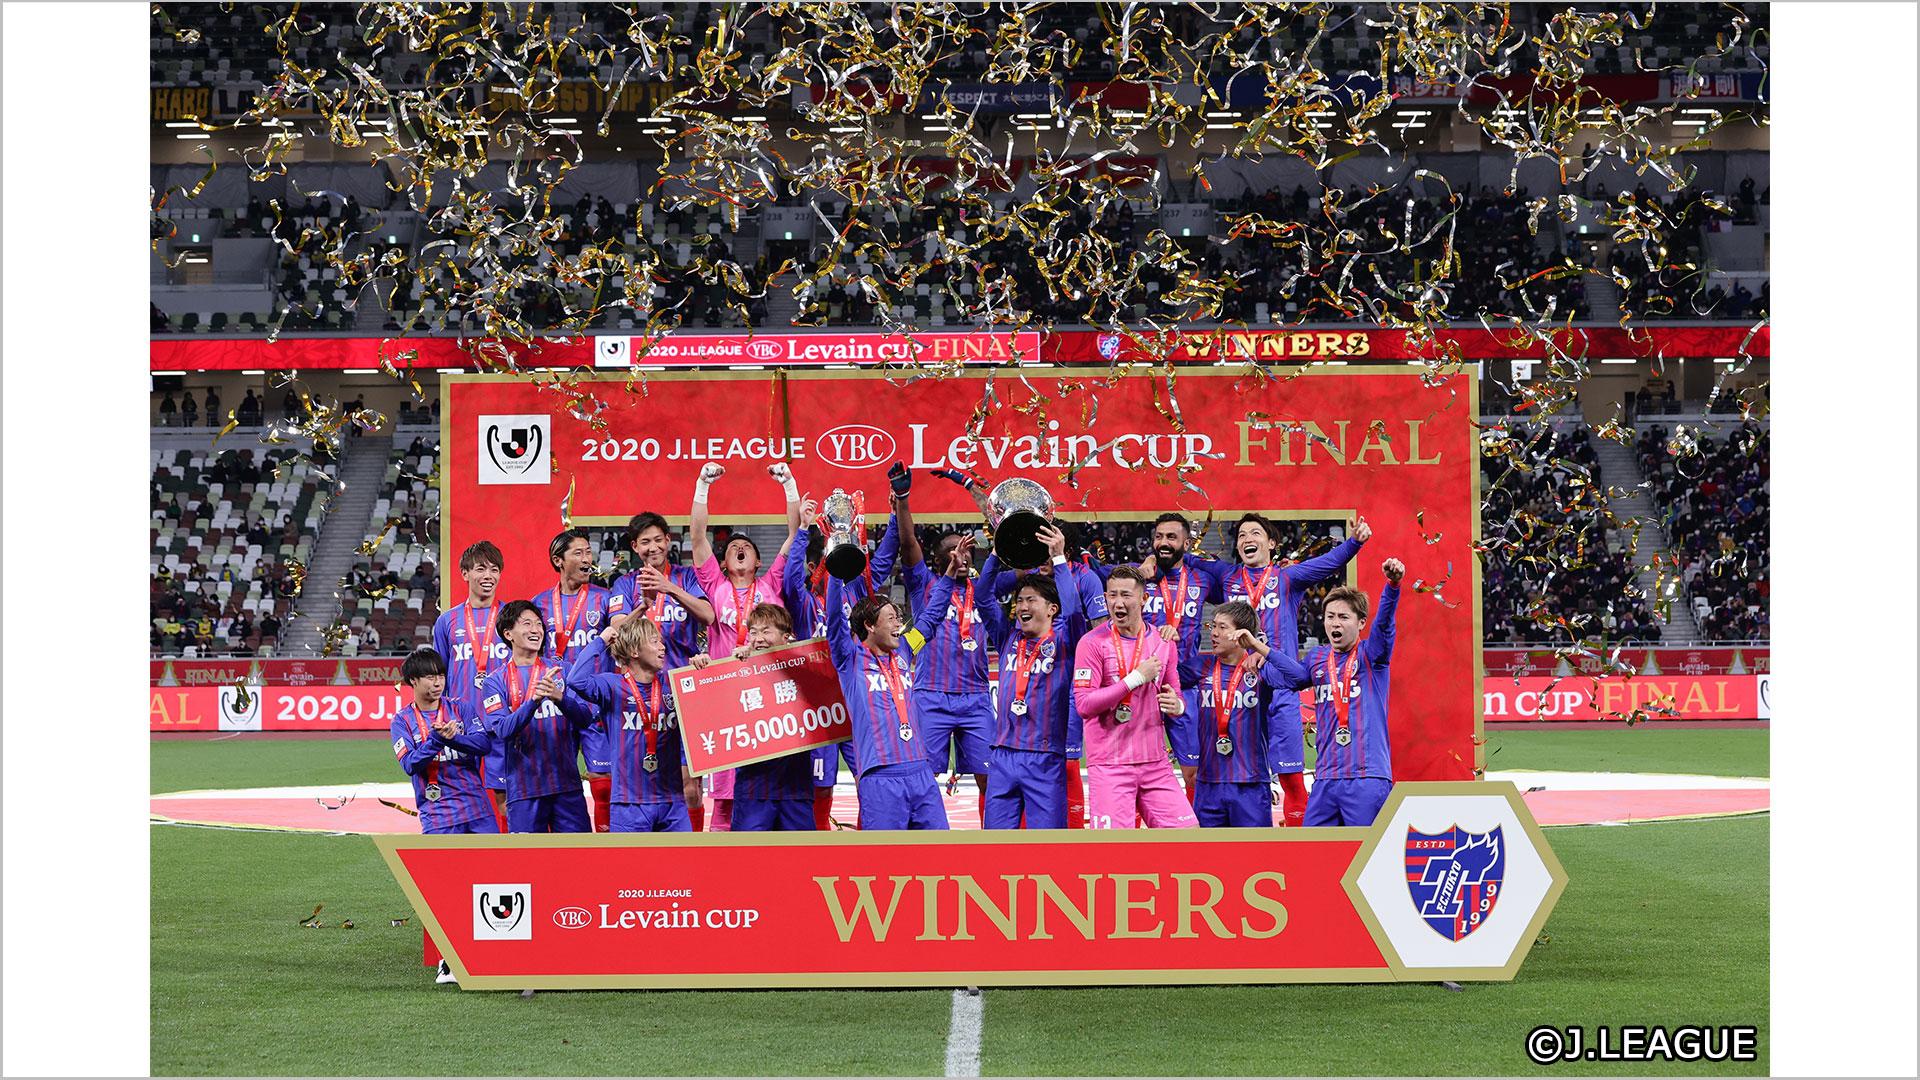 2021 JリーグYBCルヴァンカップ グループステージ 第5節 Dグループ 清水エスパルス vs ベガルタ仙台